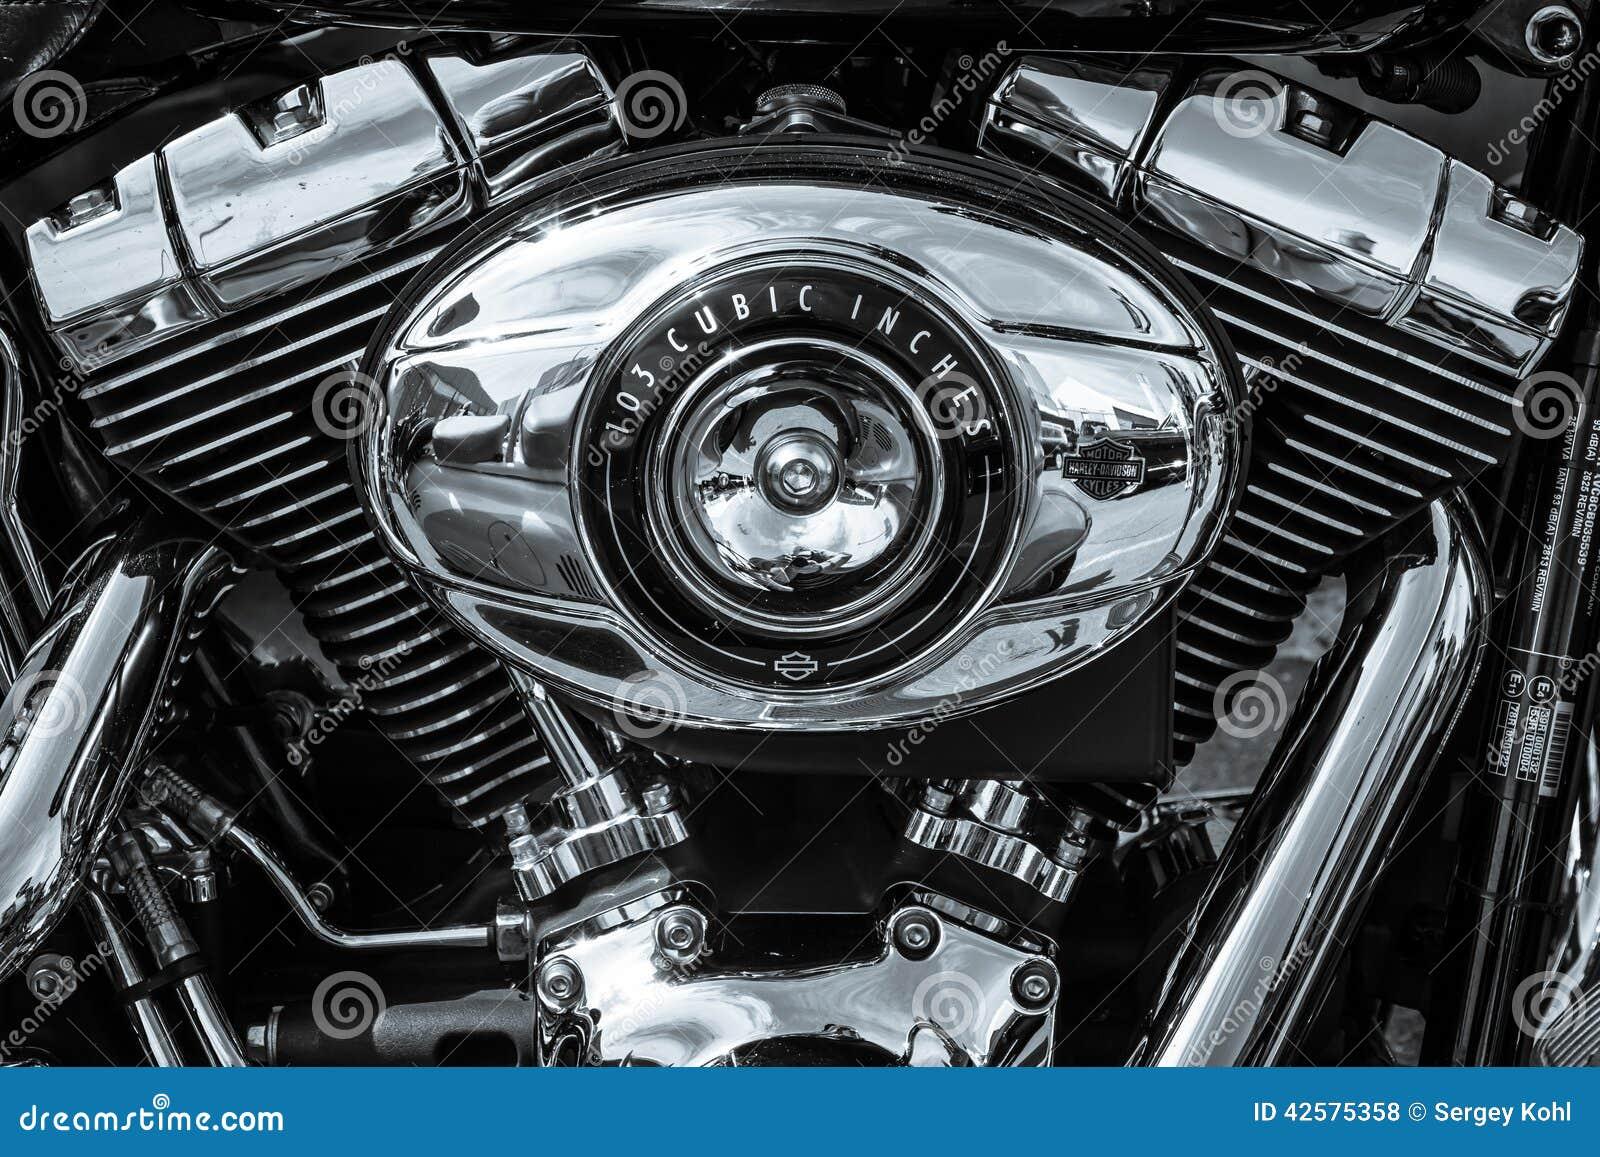 Bliźniaczy krzywka 103 silnika zbliżenie motocykl Harley Davidson Softail